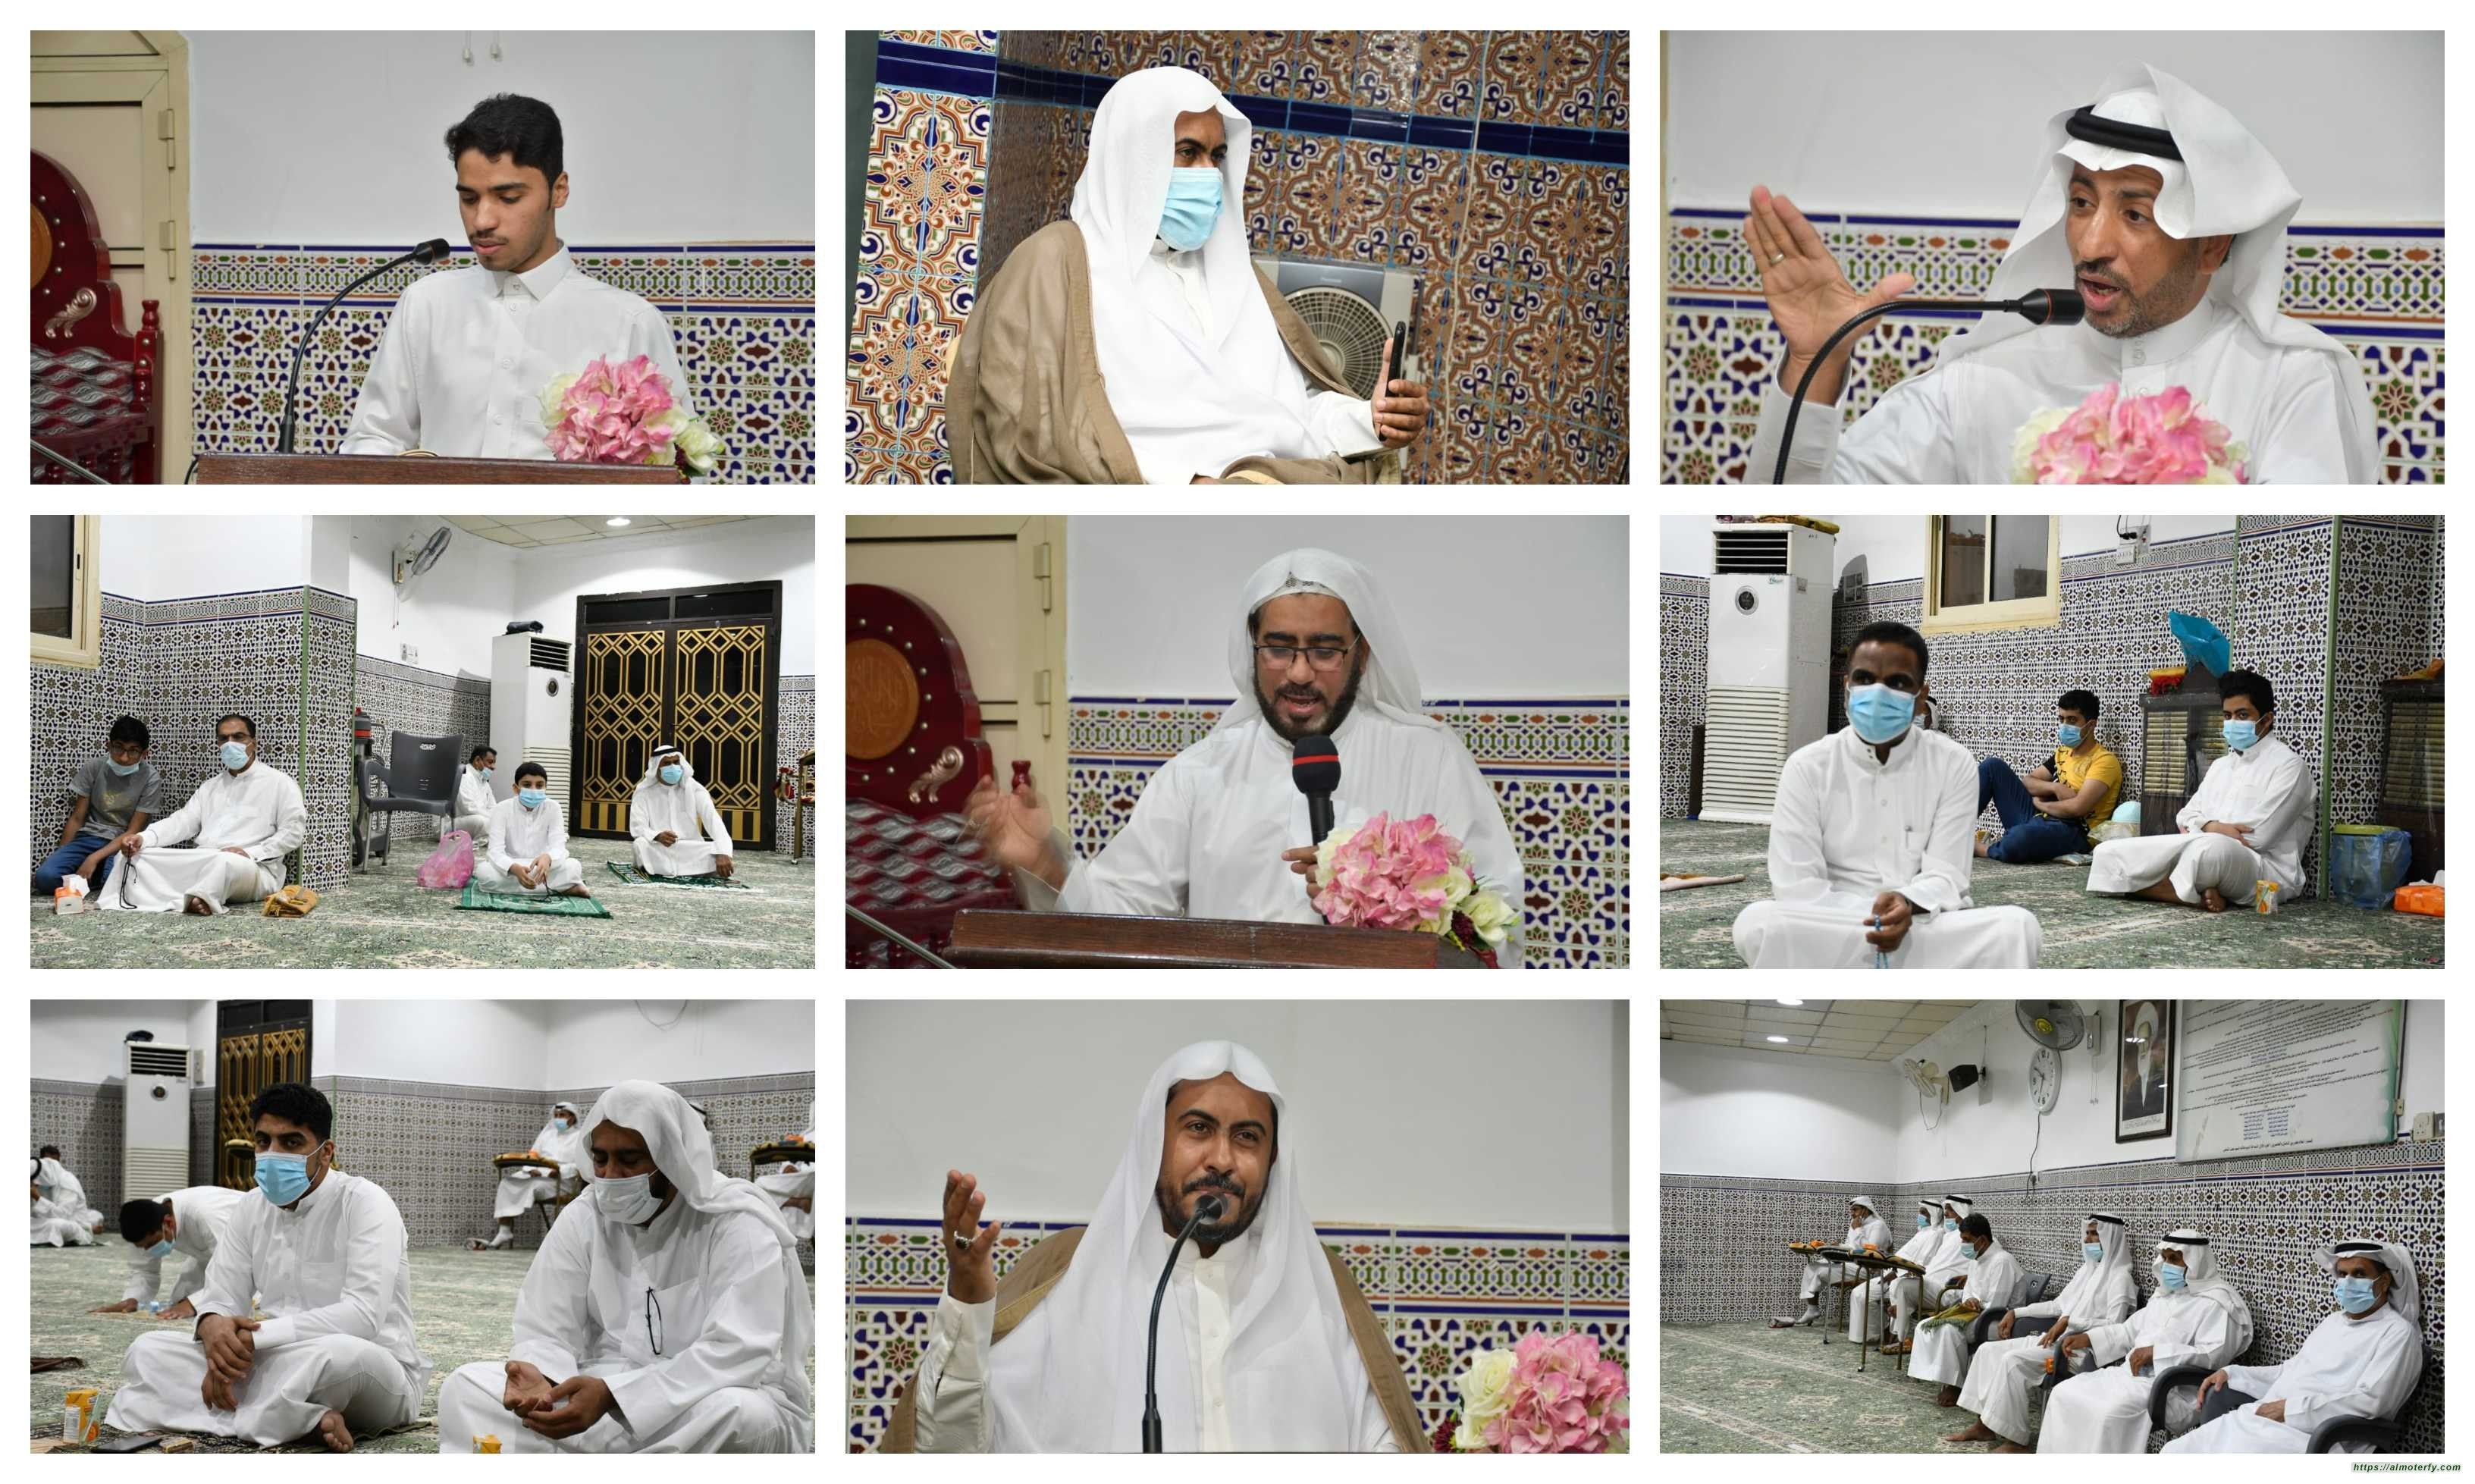 ذكرى مولد علي الأكبر بن الإمام الحسين عليه السلام في مسجد الشيخ الاوحد بالمطيرفي